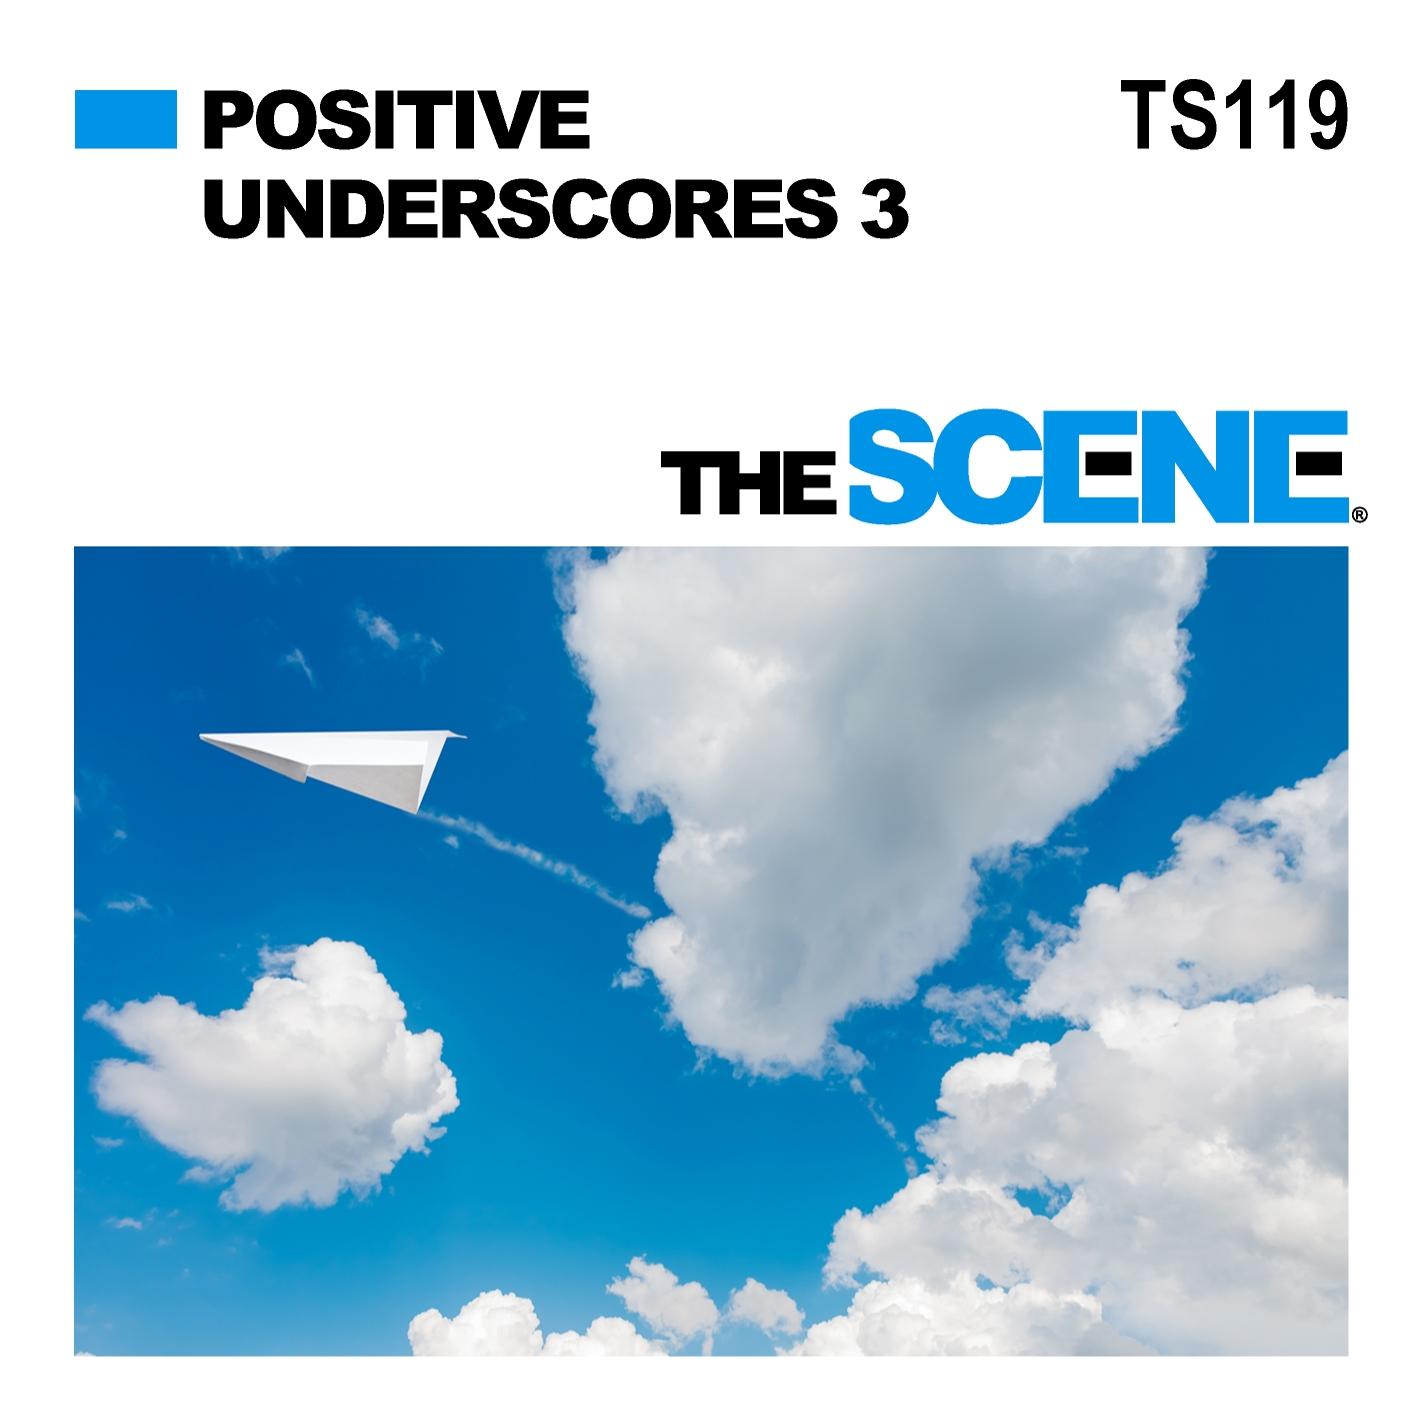 Positive Underscores 3